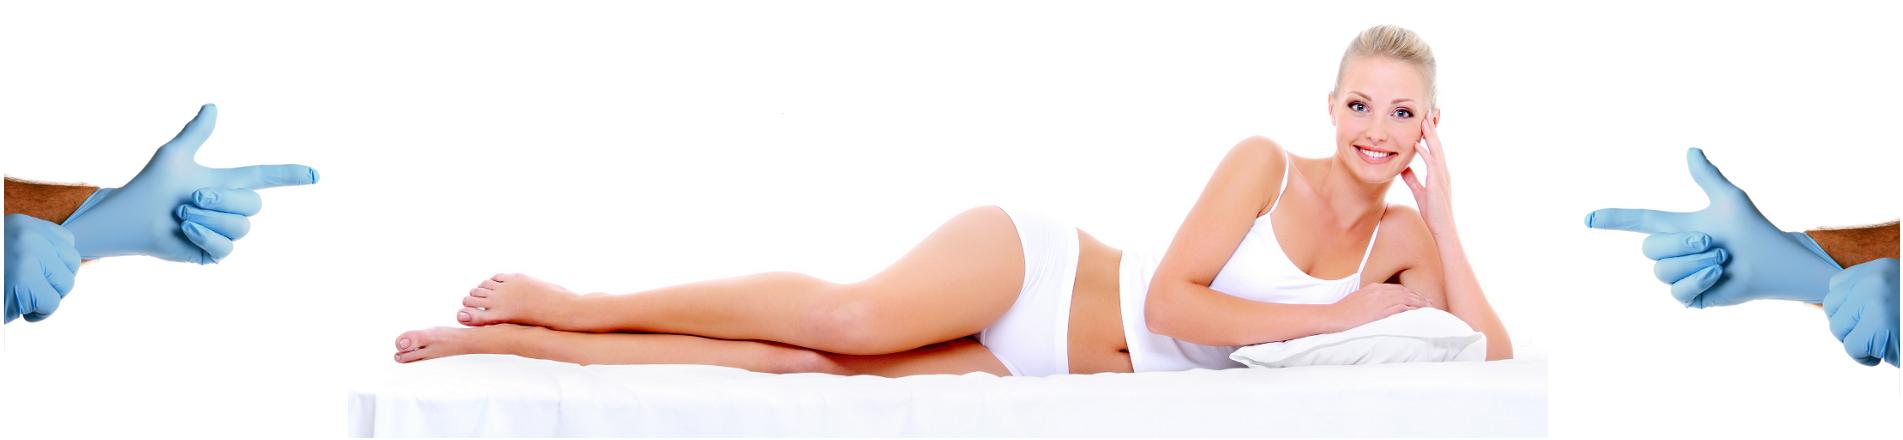 Liposuction-Austin-Techniques